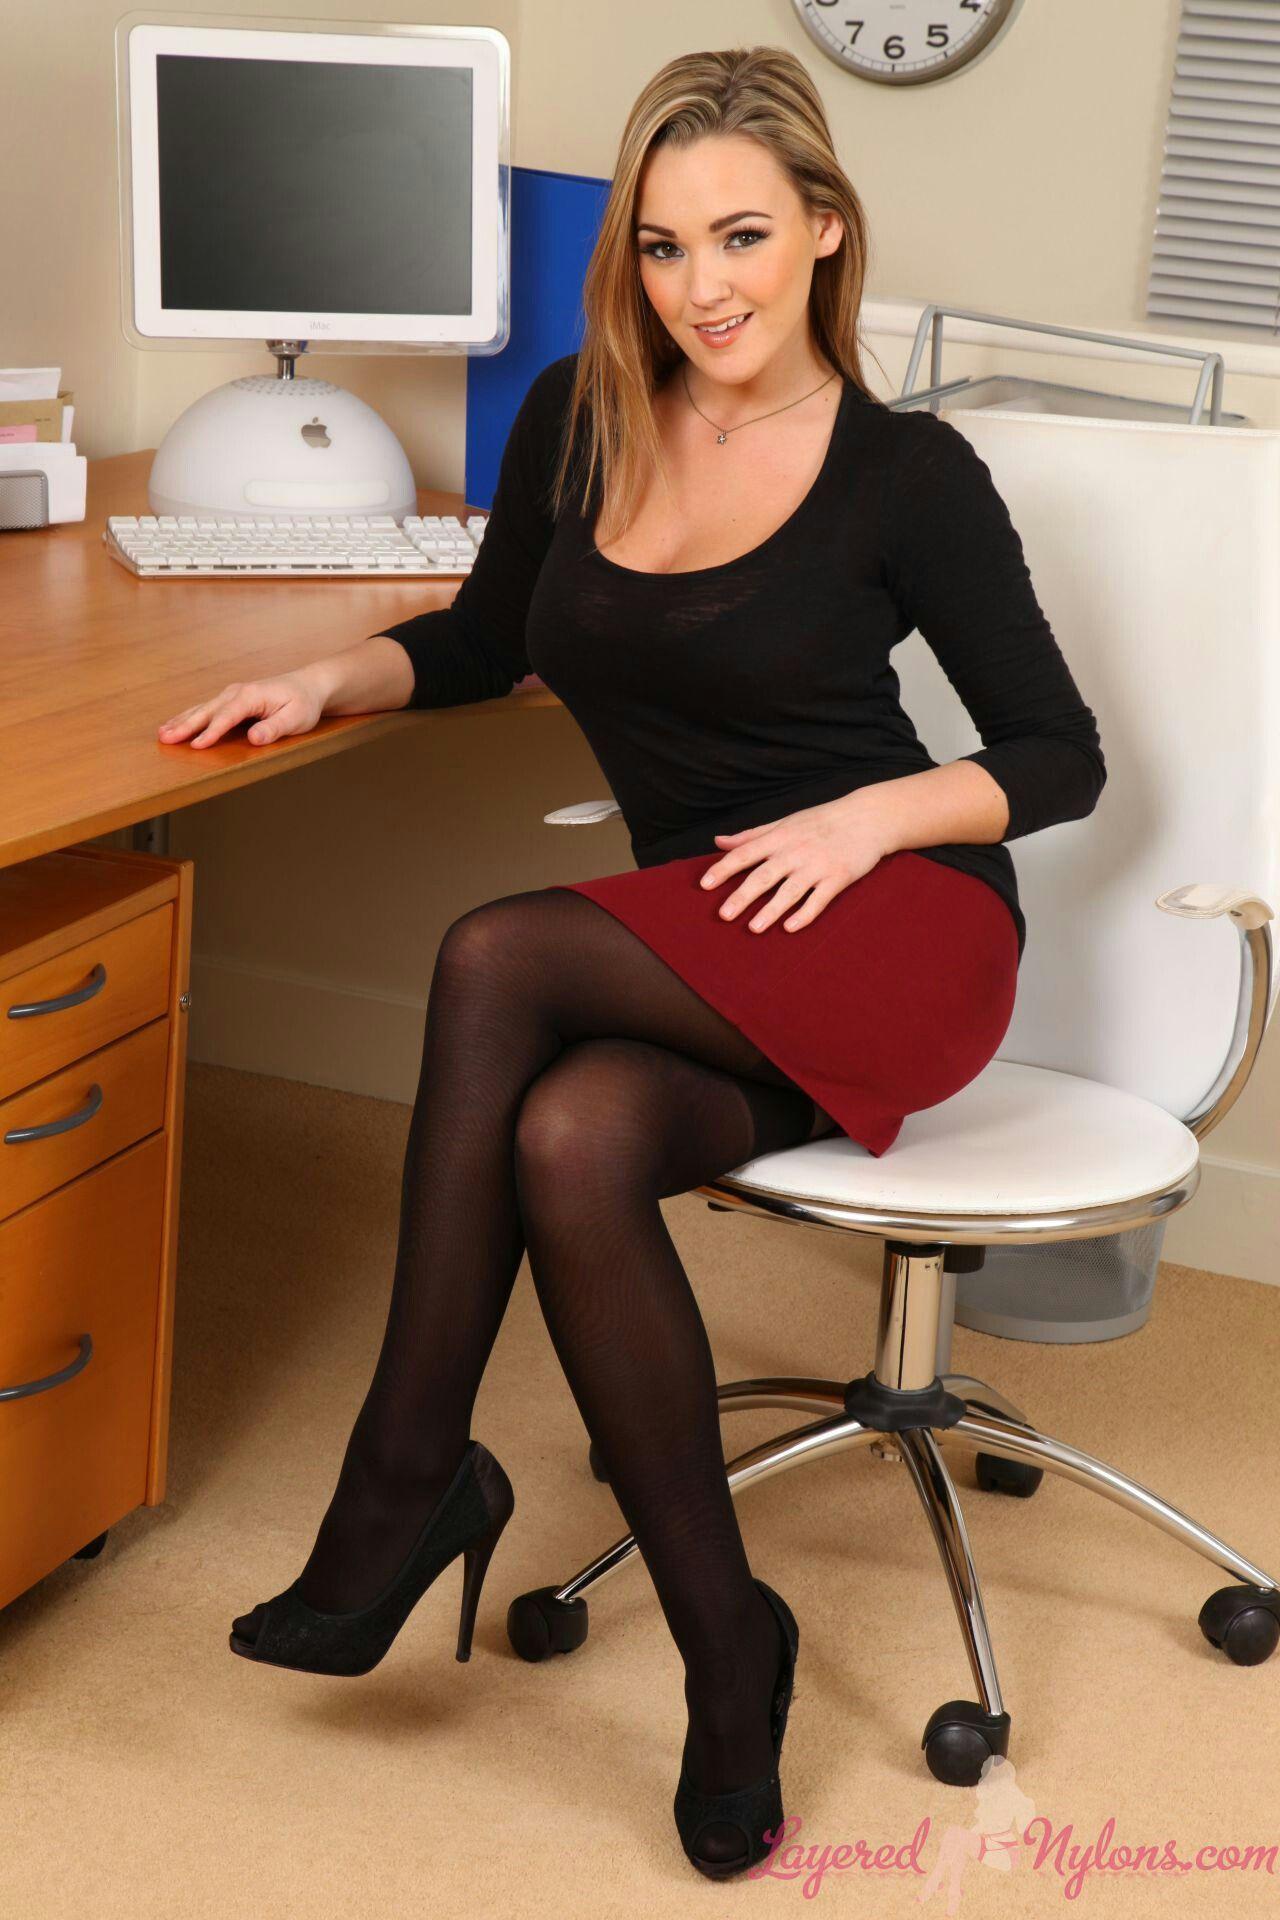 Kleider sex porno bilder girls sexy office